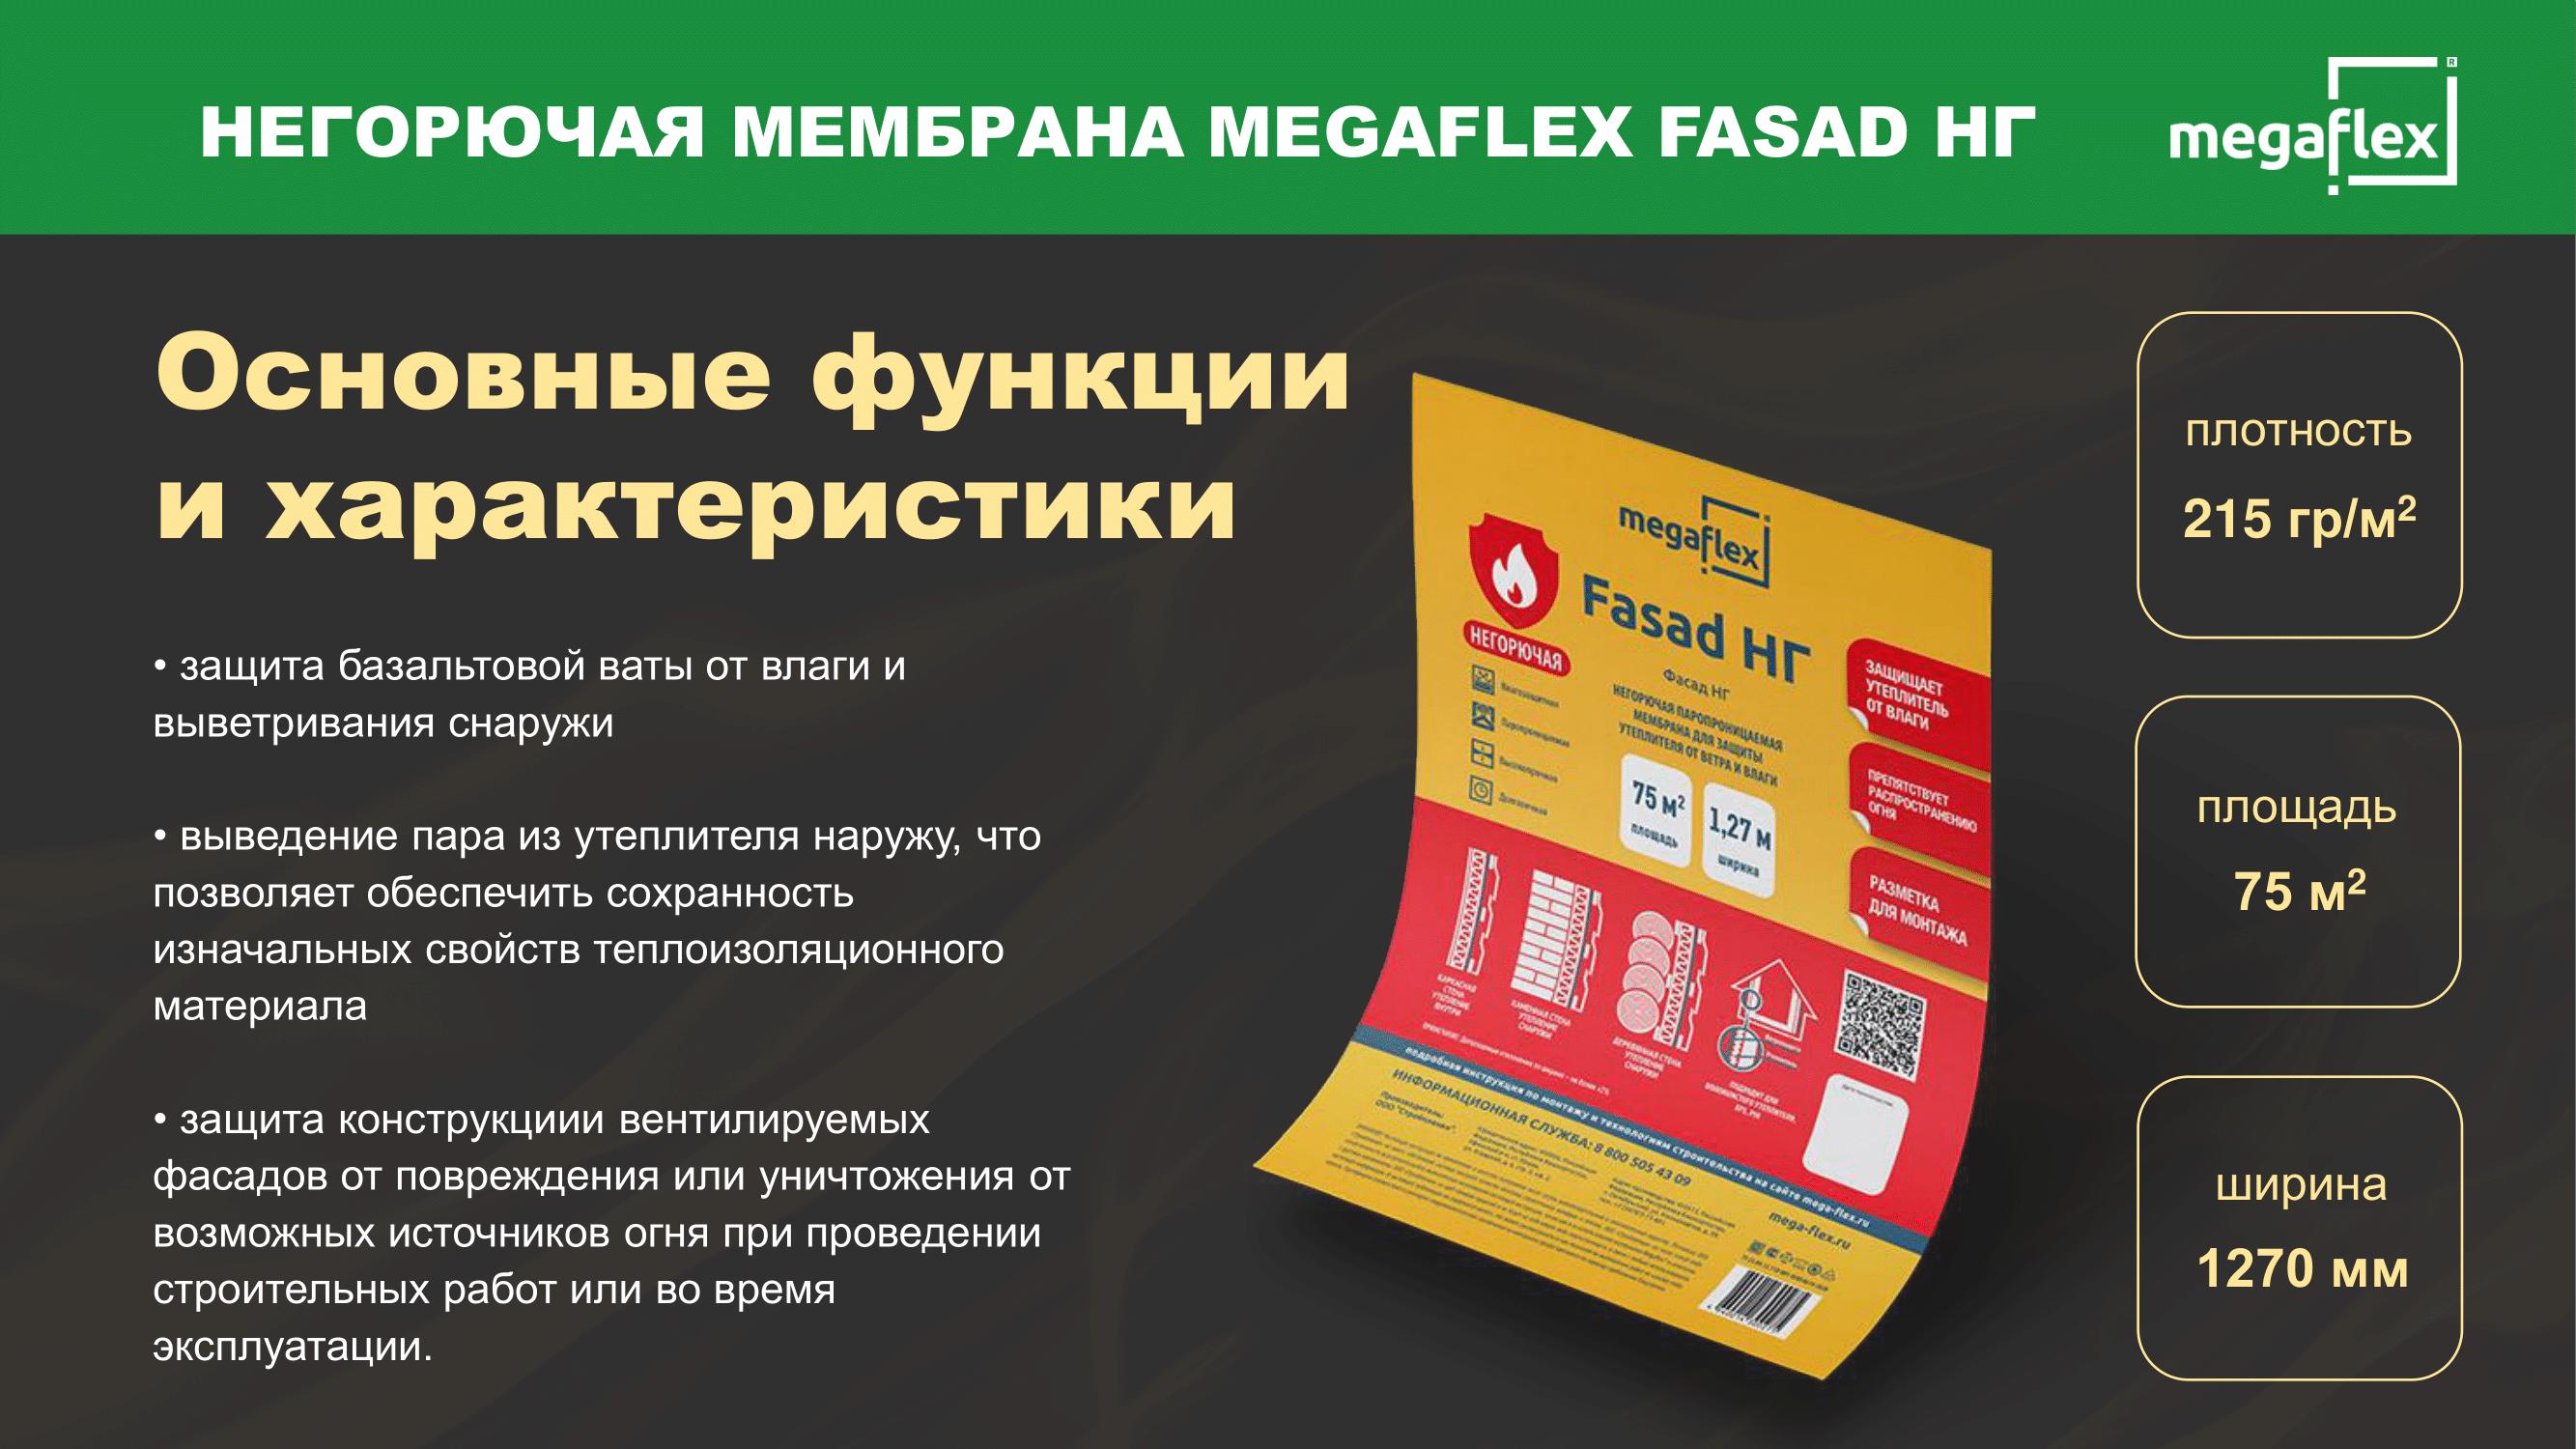 Megaflex Fasad НГ 3